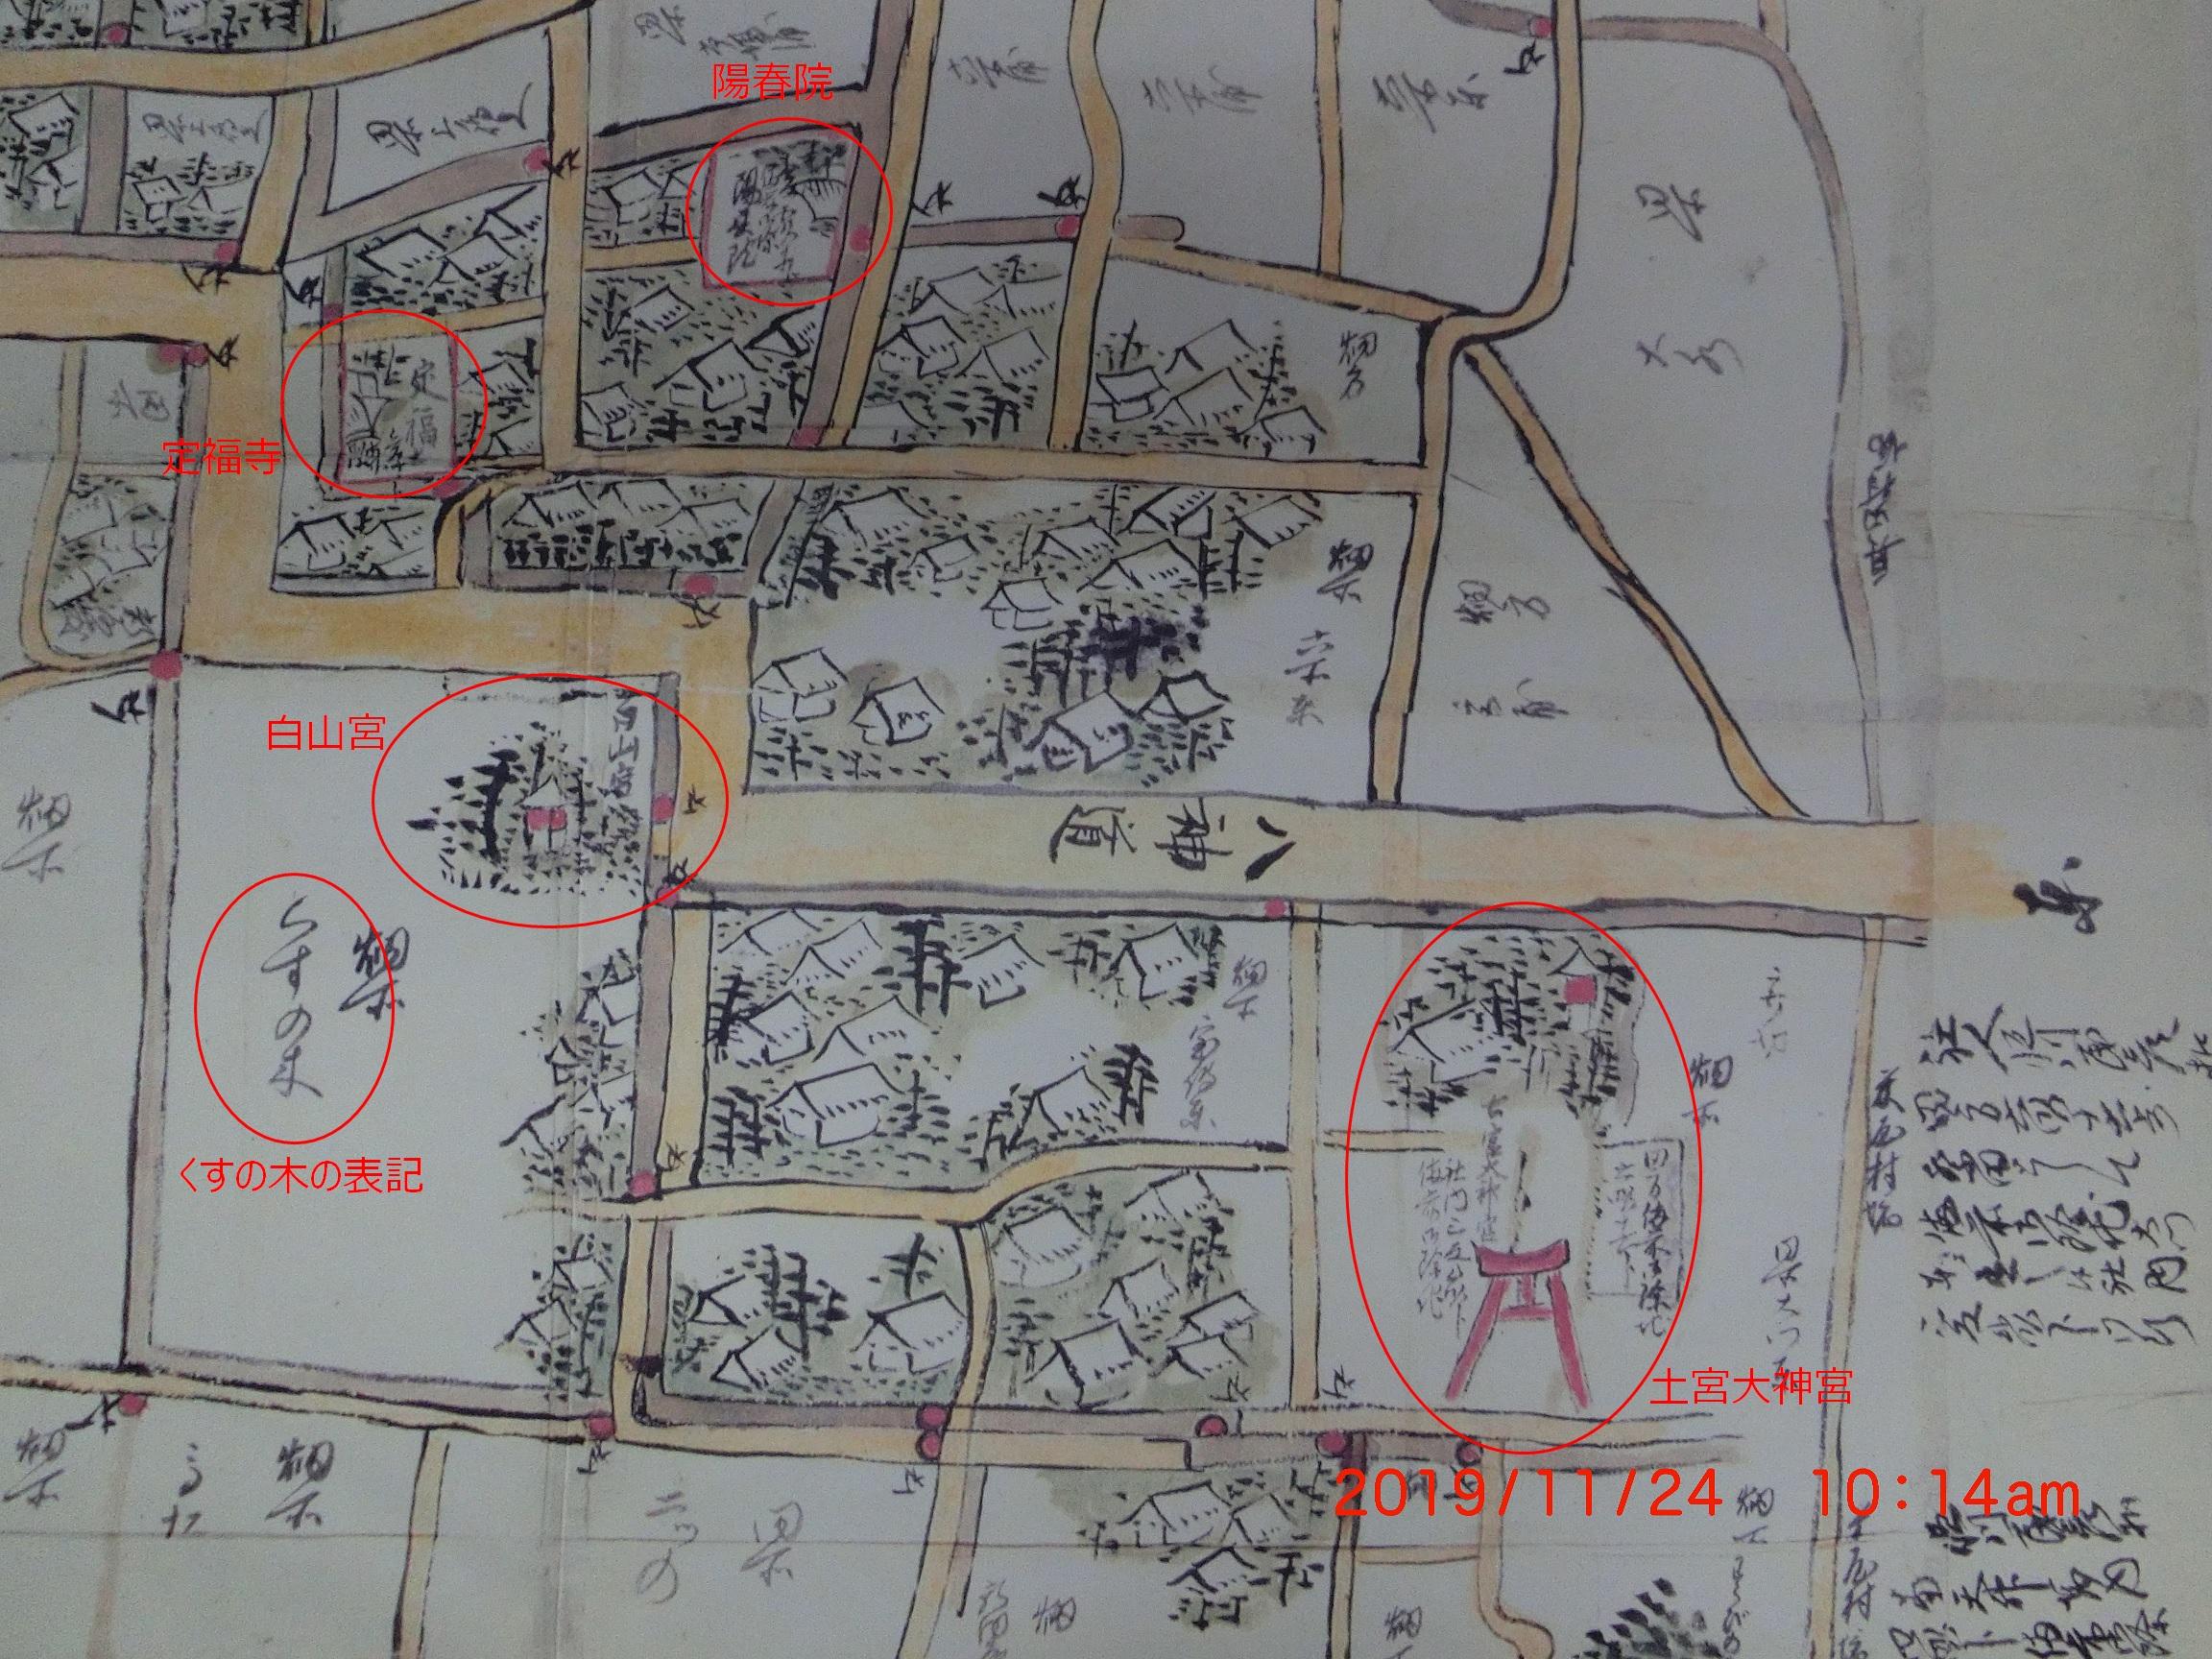 稲沢北島のたたりのクスノキ - 自転車おじさんのああだこうだ